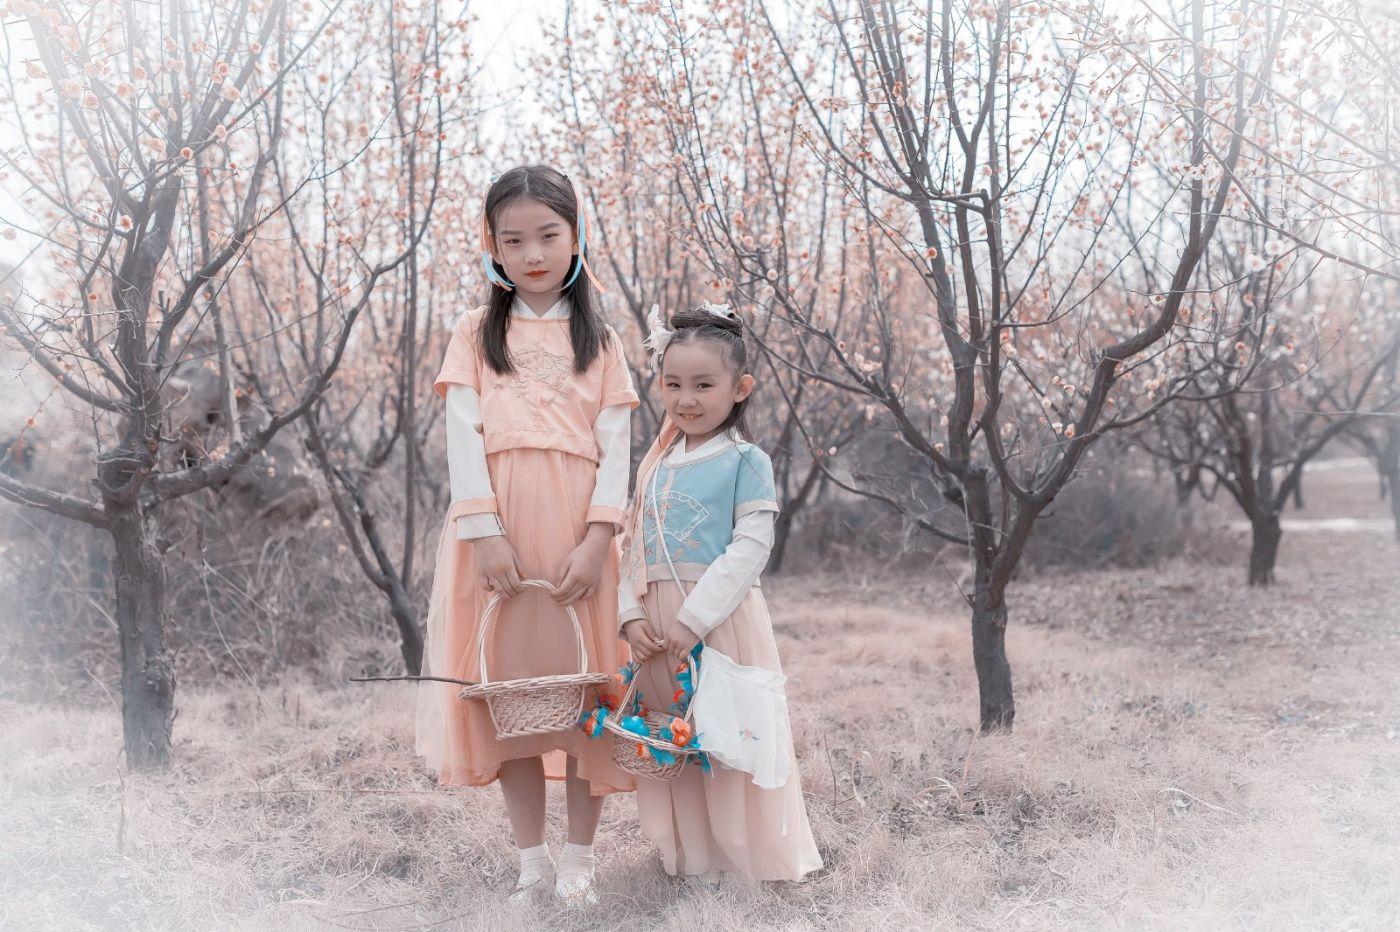 梅林馀妍不争春 小小仙女下凡尘 在费县拍摄小小仙女候依琳_图1-1